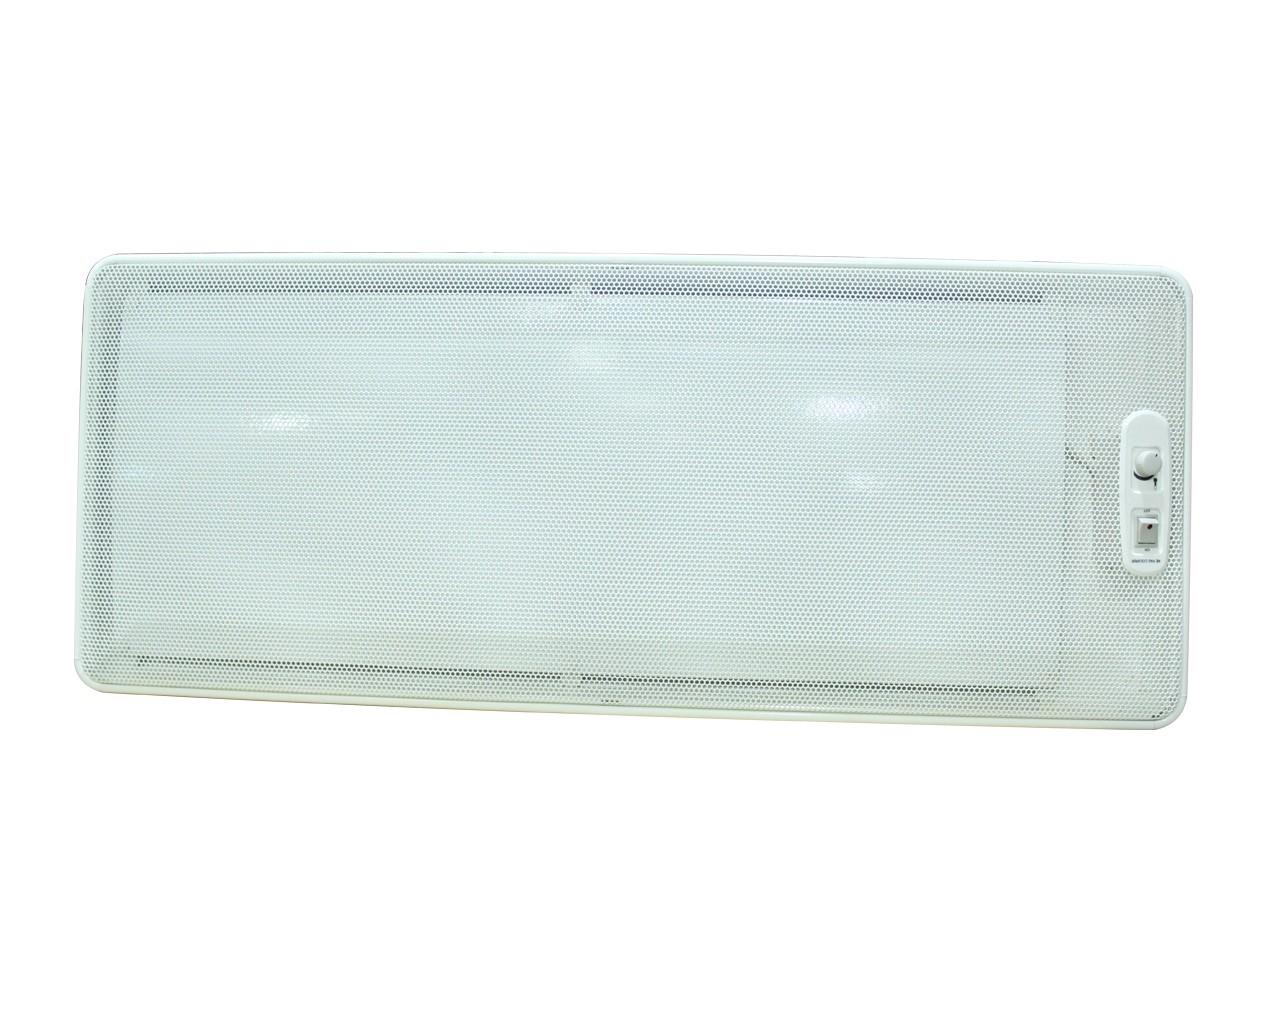 Placa Radiante Daichi Br20/Vx20 1000/2000w Blanca